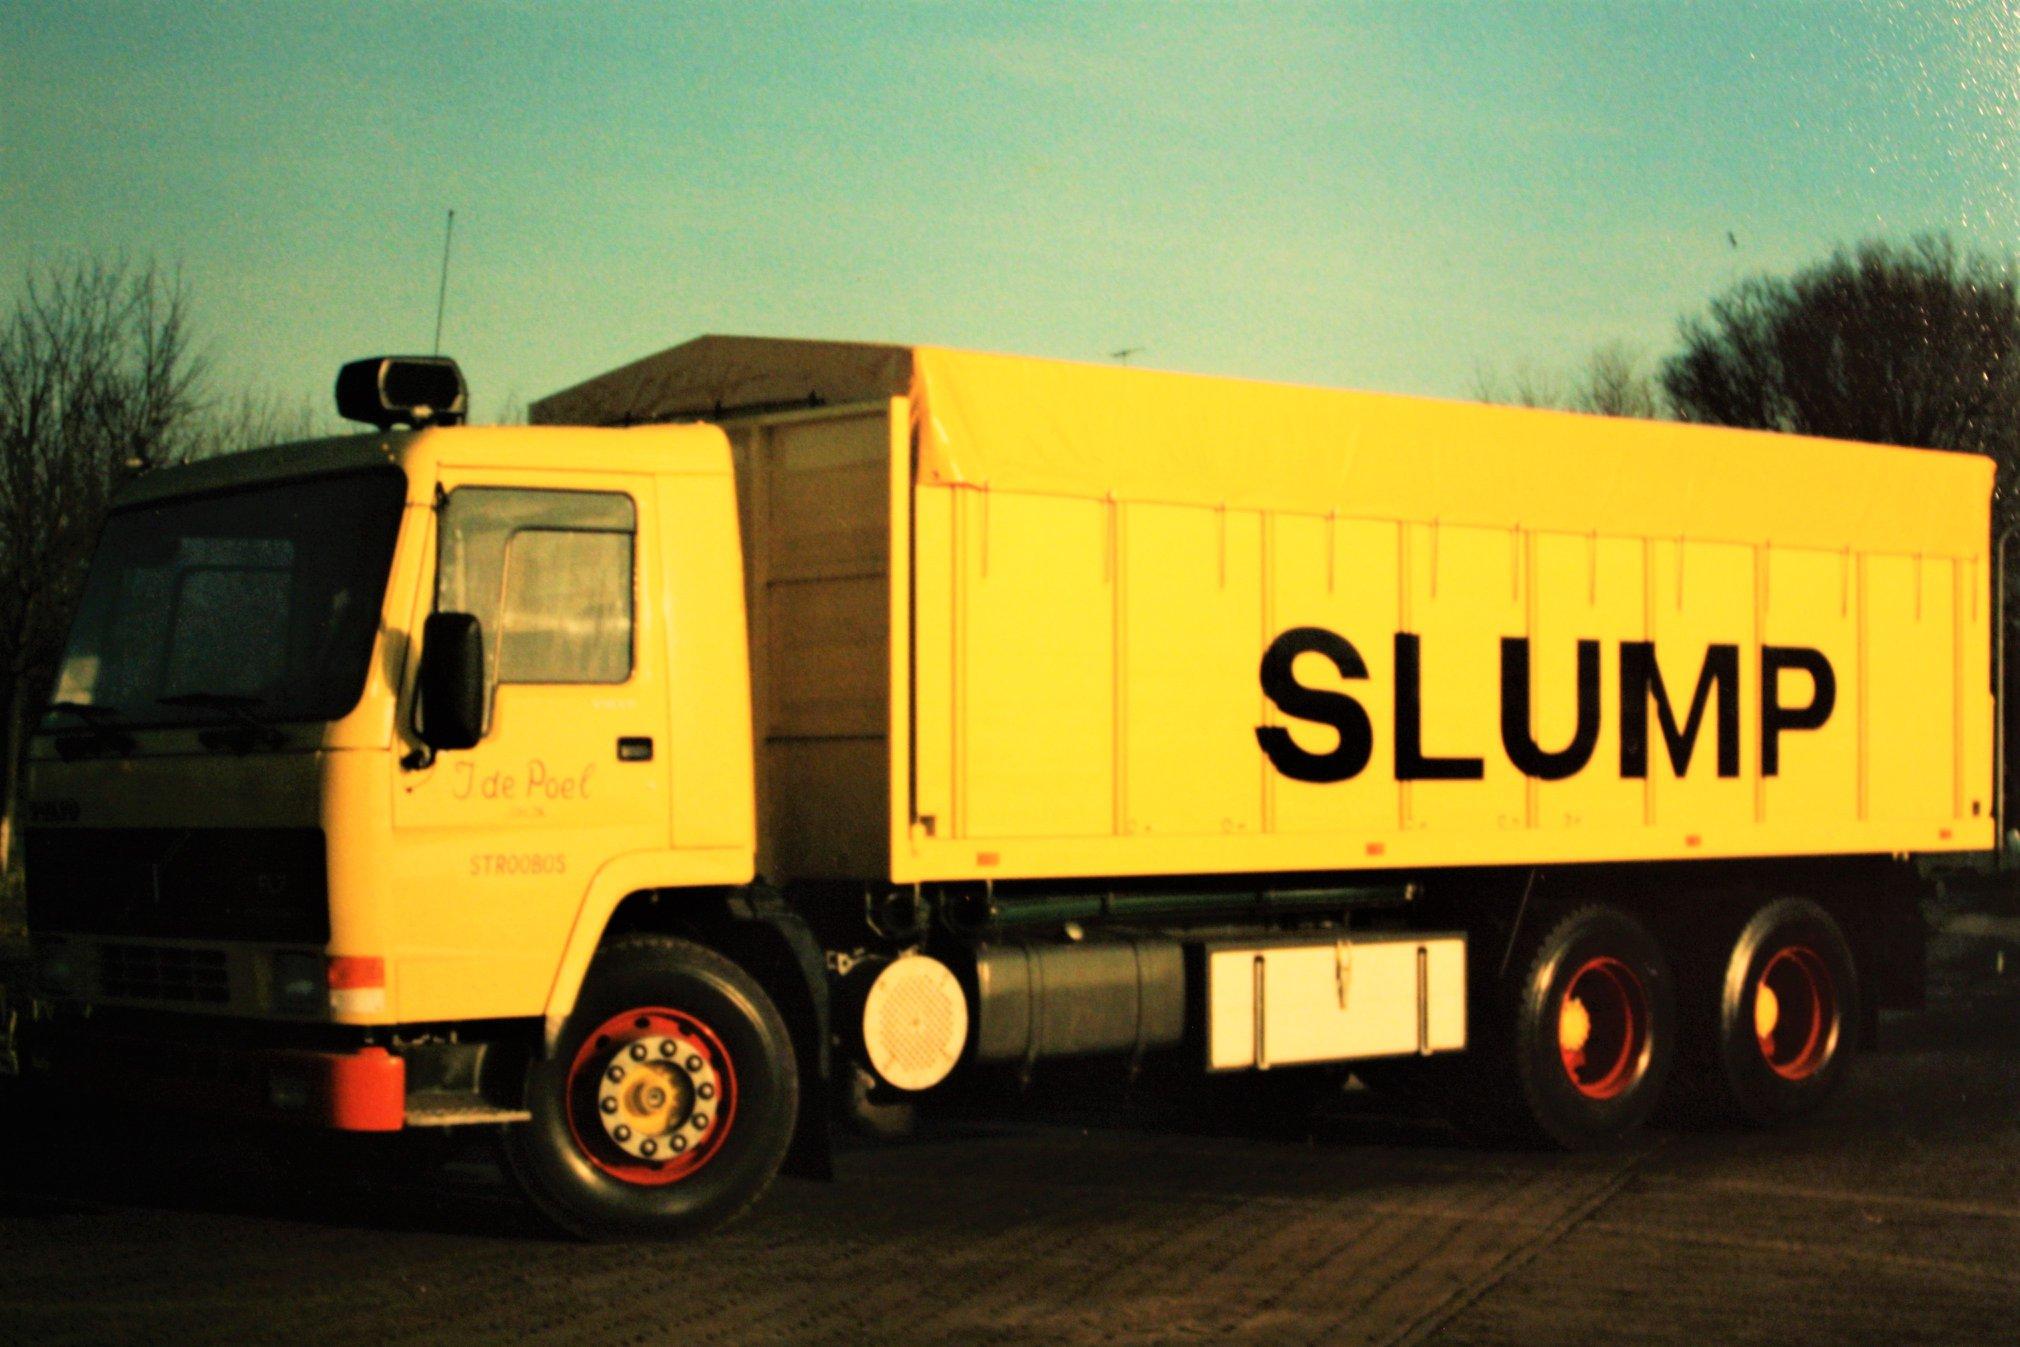 bulkwagen-is-gebouwd-door-Rondaan-voor-J-de-Poel-uit-Stroobos-rijdend-voor-Slump-veevoederfabriek-uit-Stroobos-1